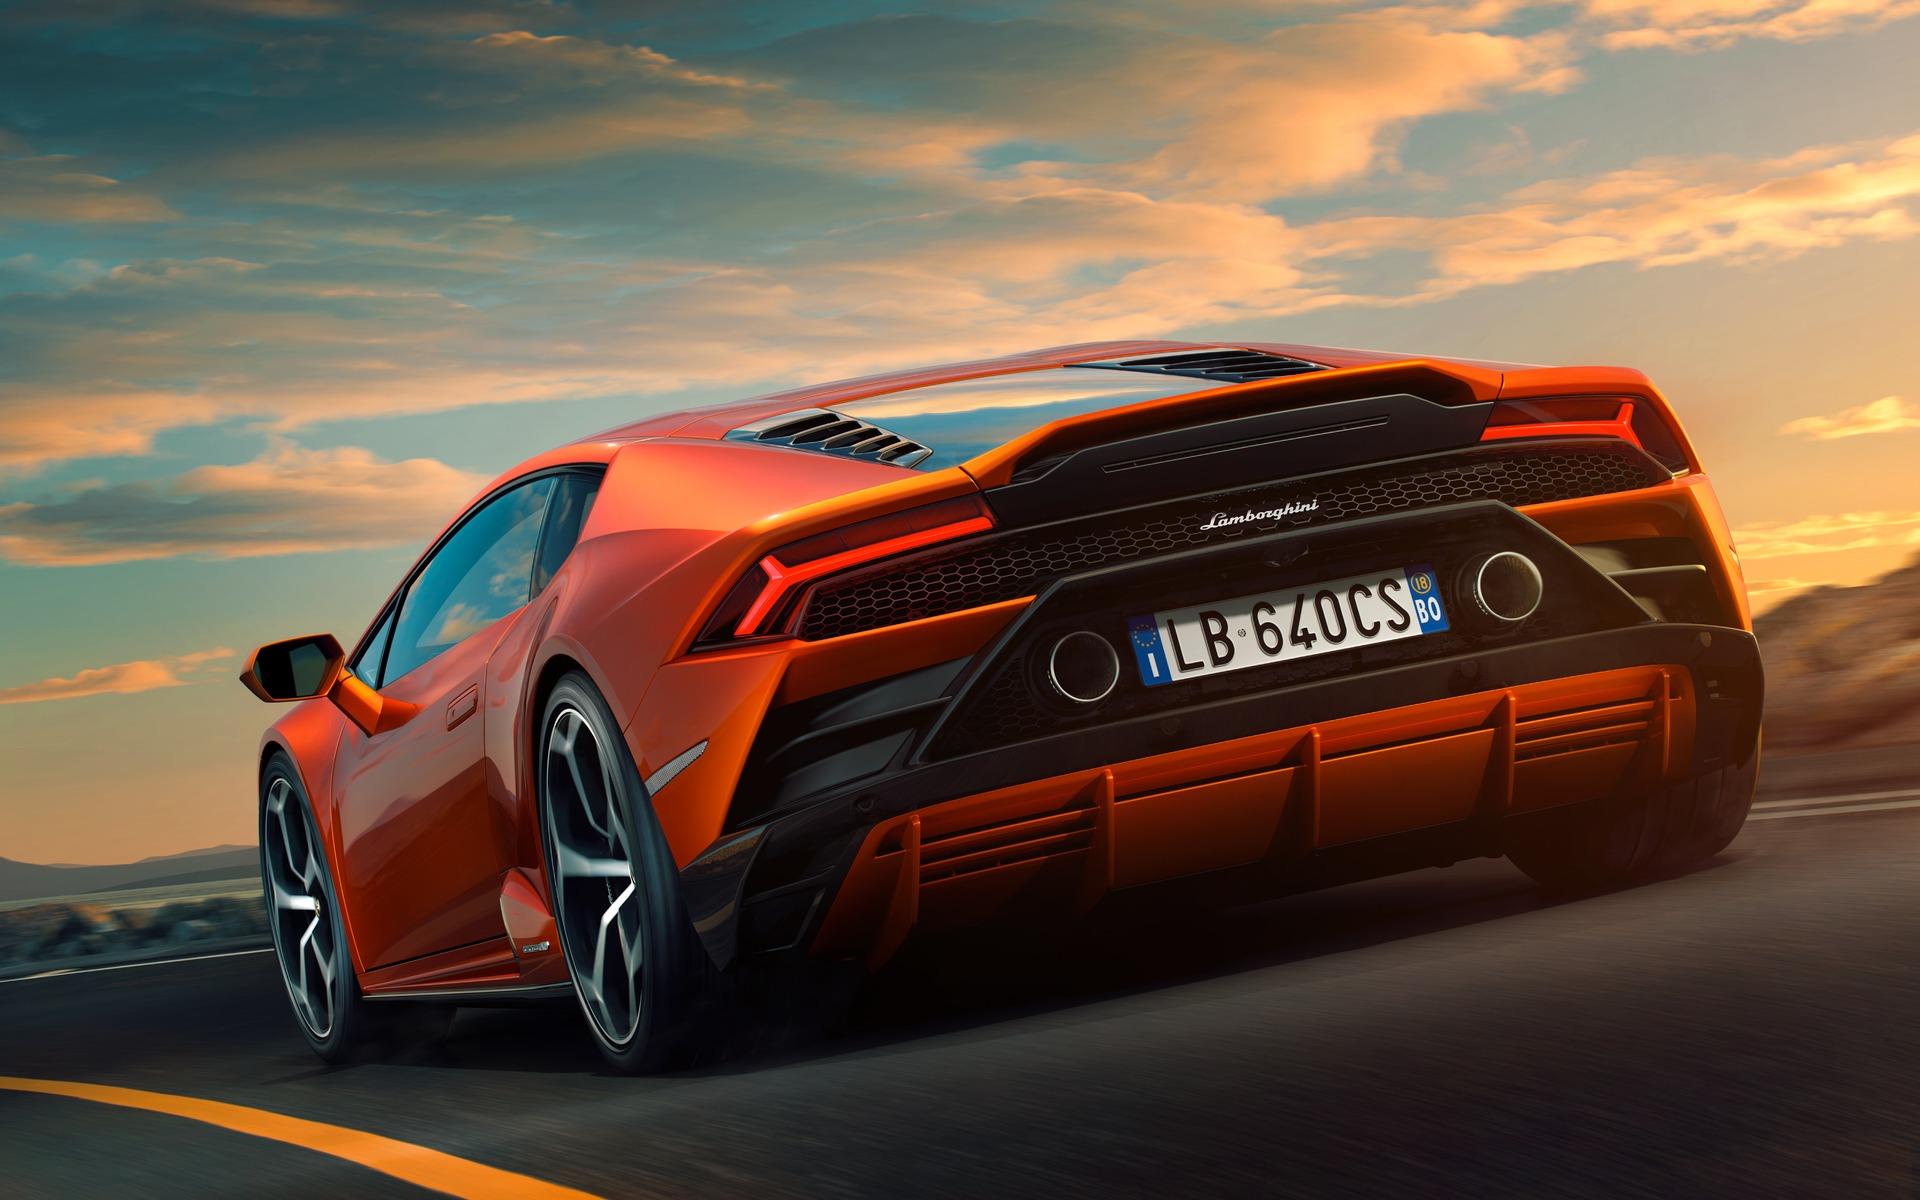 Lamborghini Huracán EVO 2019 : revue et corrigée 361957_2019_Lamborghini_Huracan